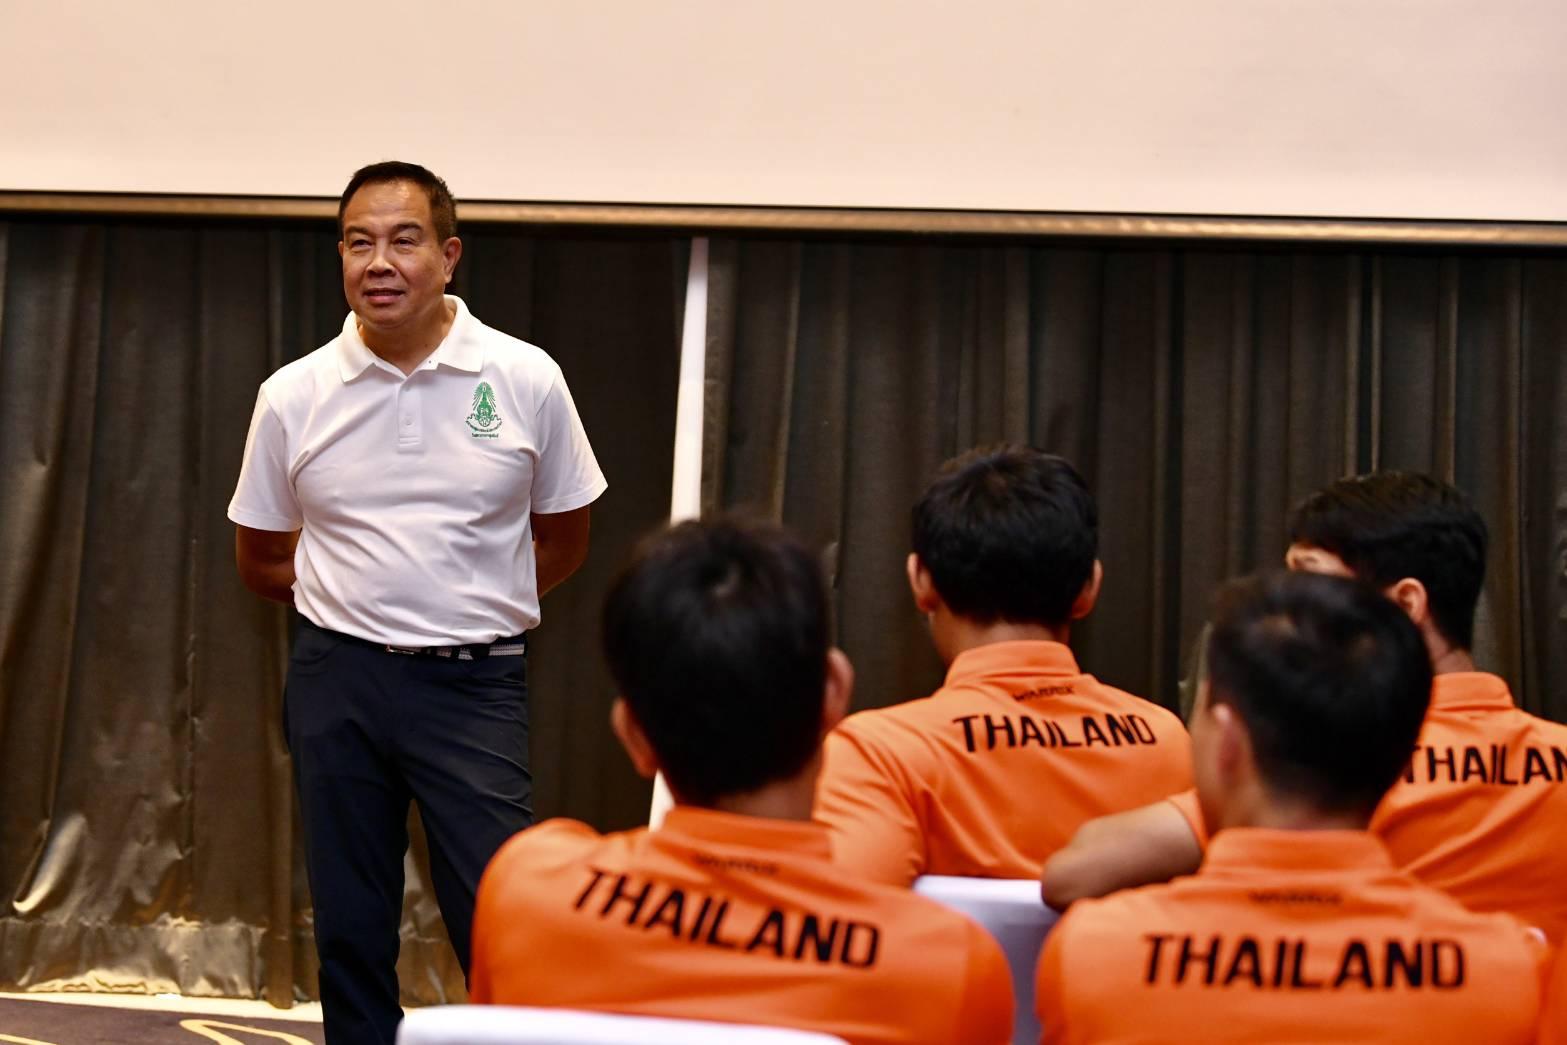 ทีมชาติไทย สมยศ พุ่มพันธุ์ม่วง เอเชียนคัพ 2019